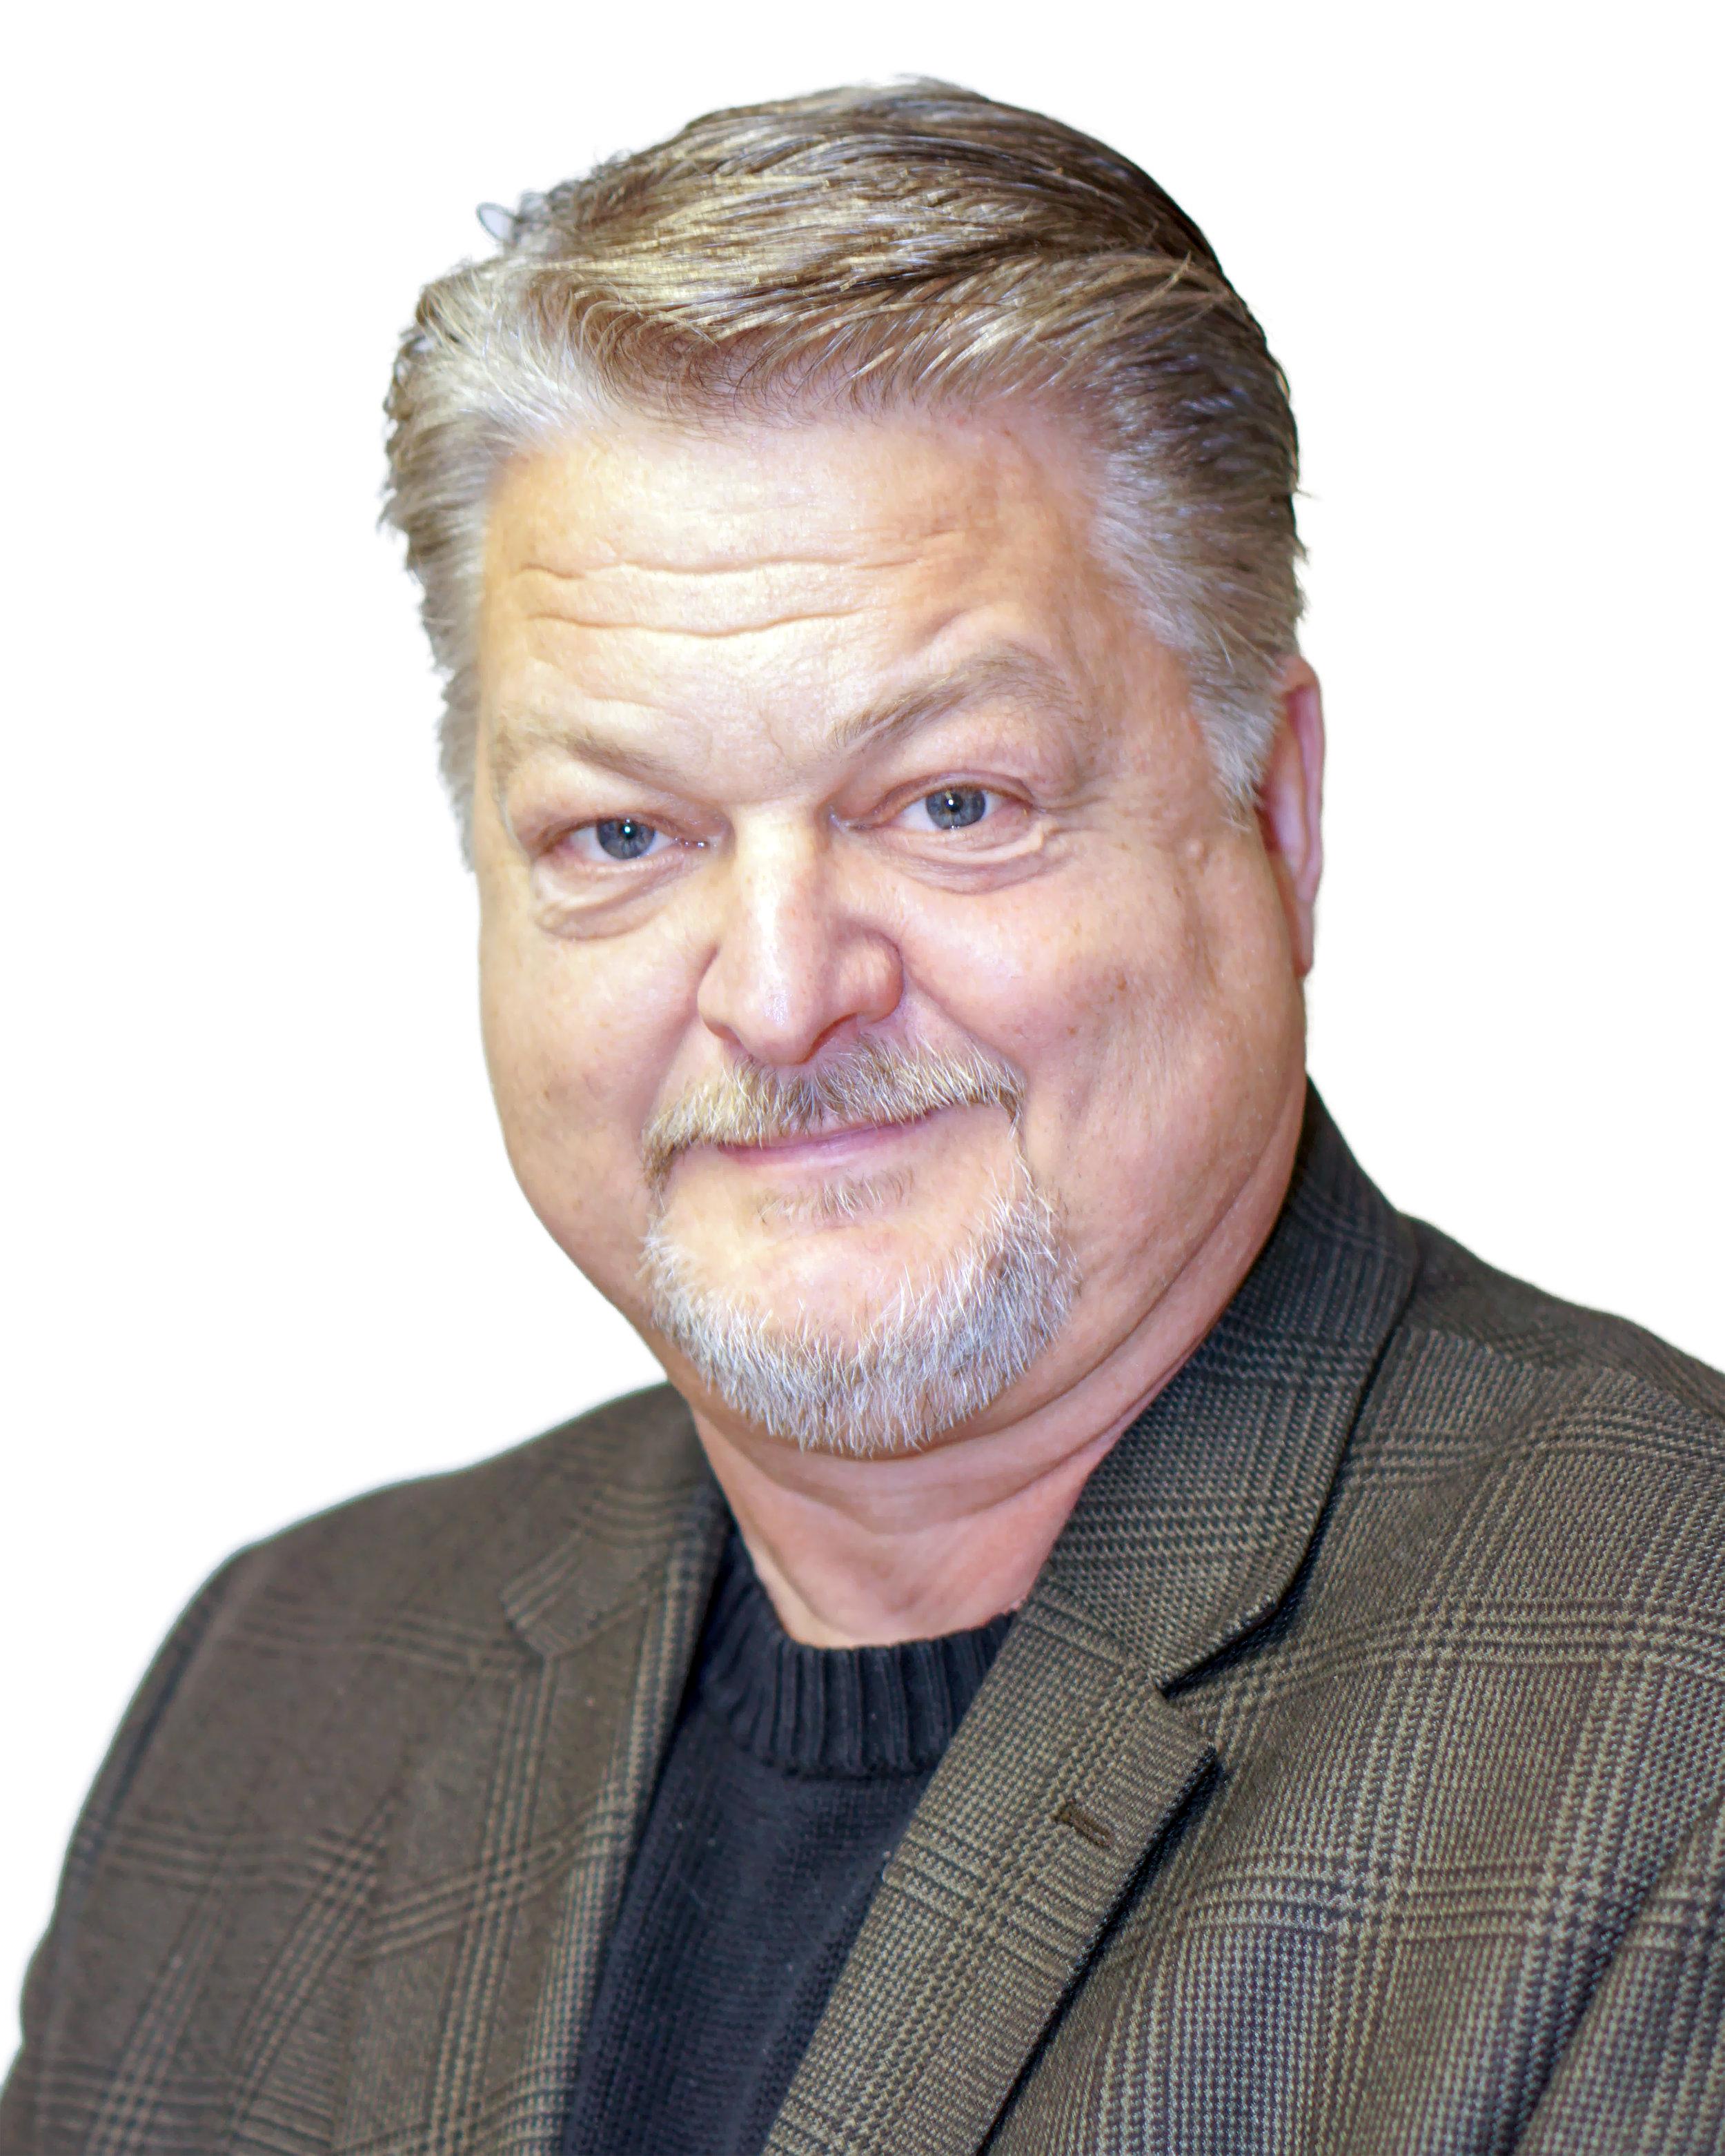 Steve Coy